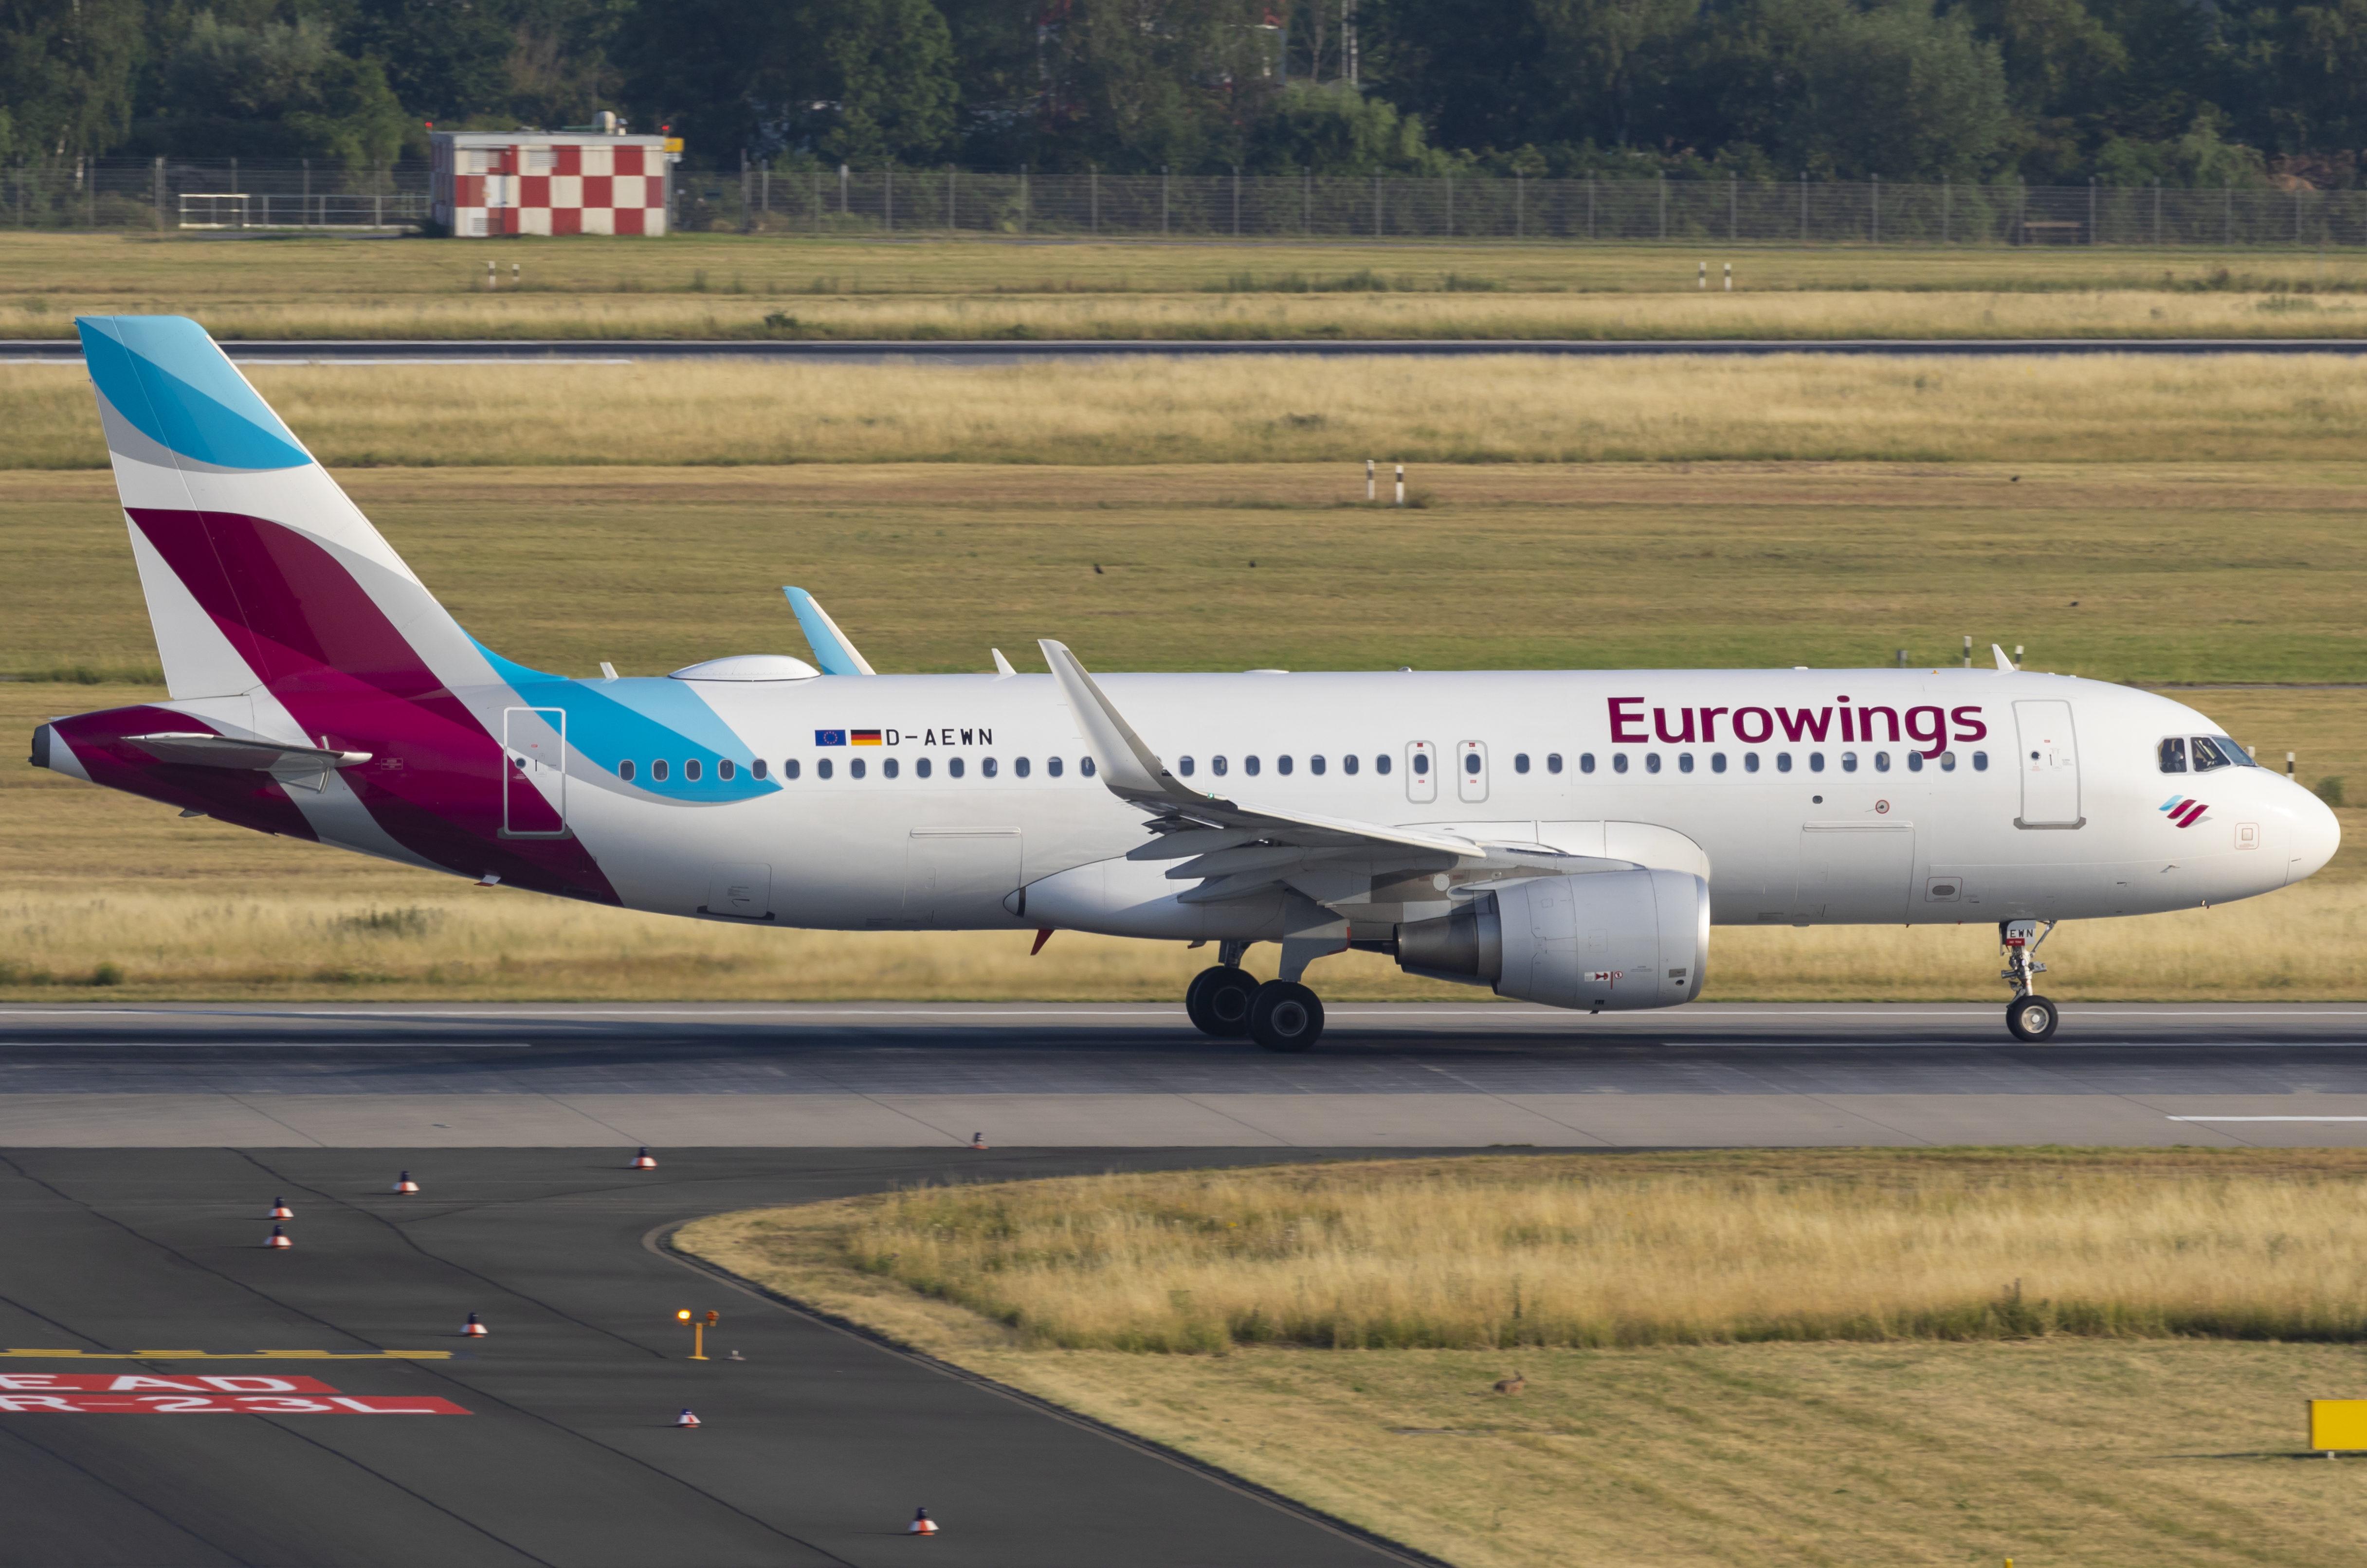 En Airbus A320-200 fra det tyske Lufthansa-lavprisflyselskab Eurowings. Foto: © Thorbjørn Brunander Sund, Danish Aviation Photo